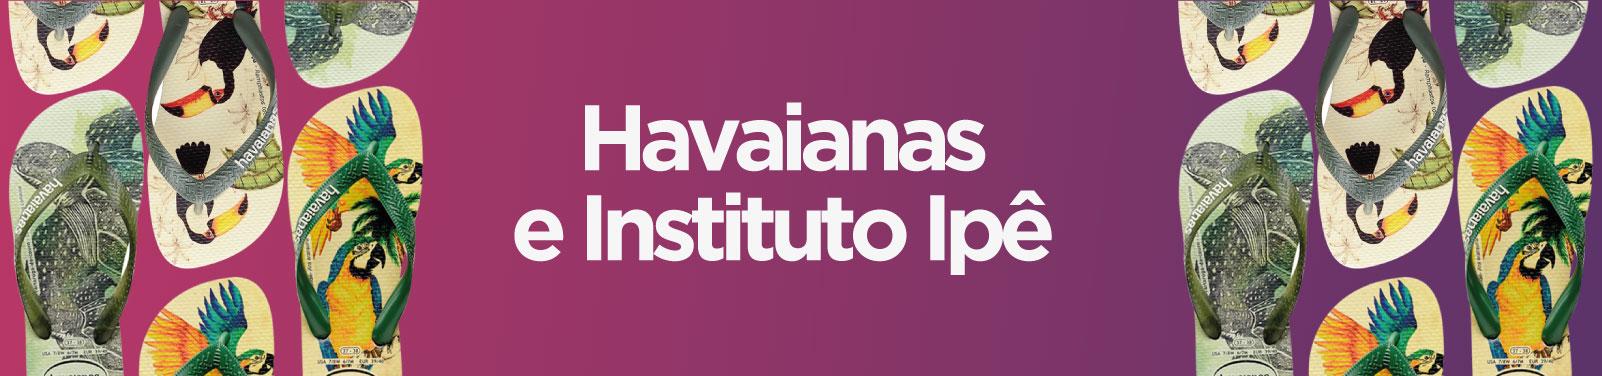 havaianas-cooperativismo